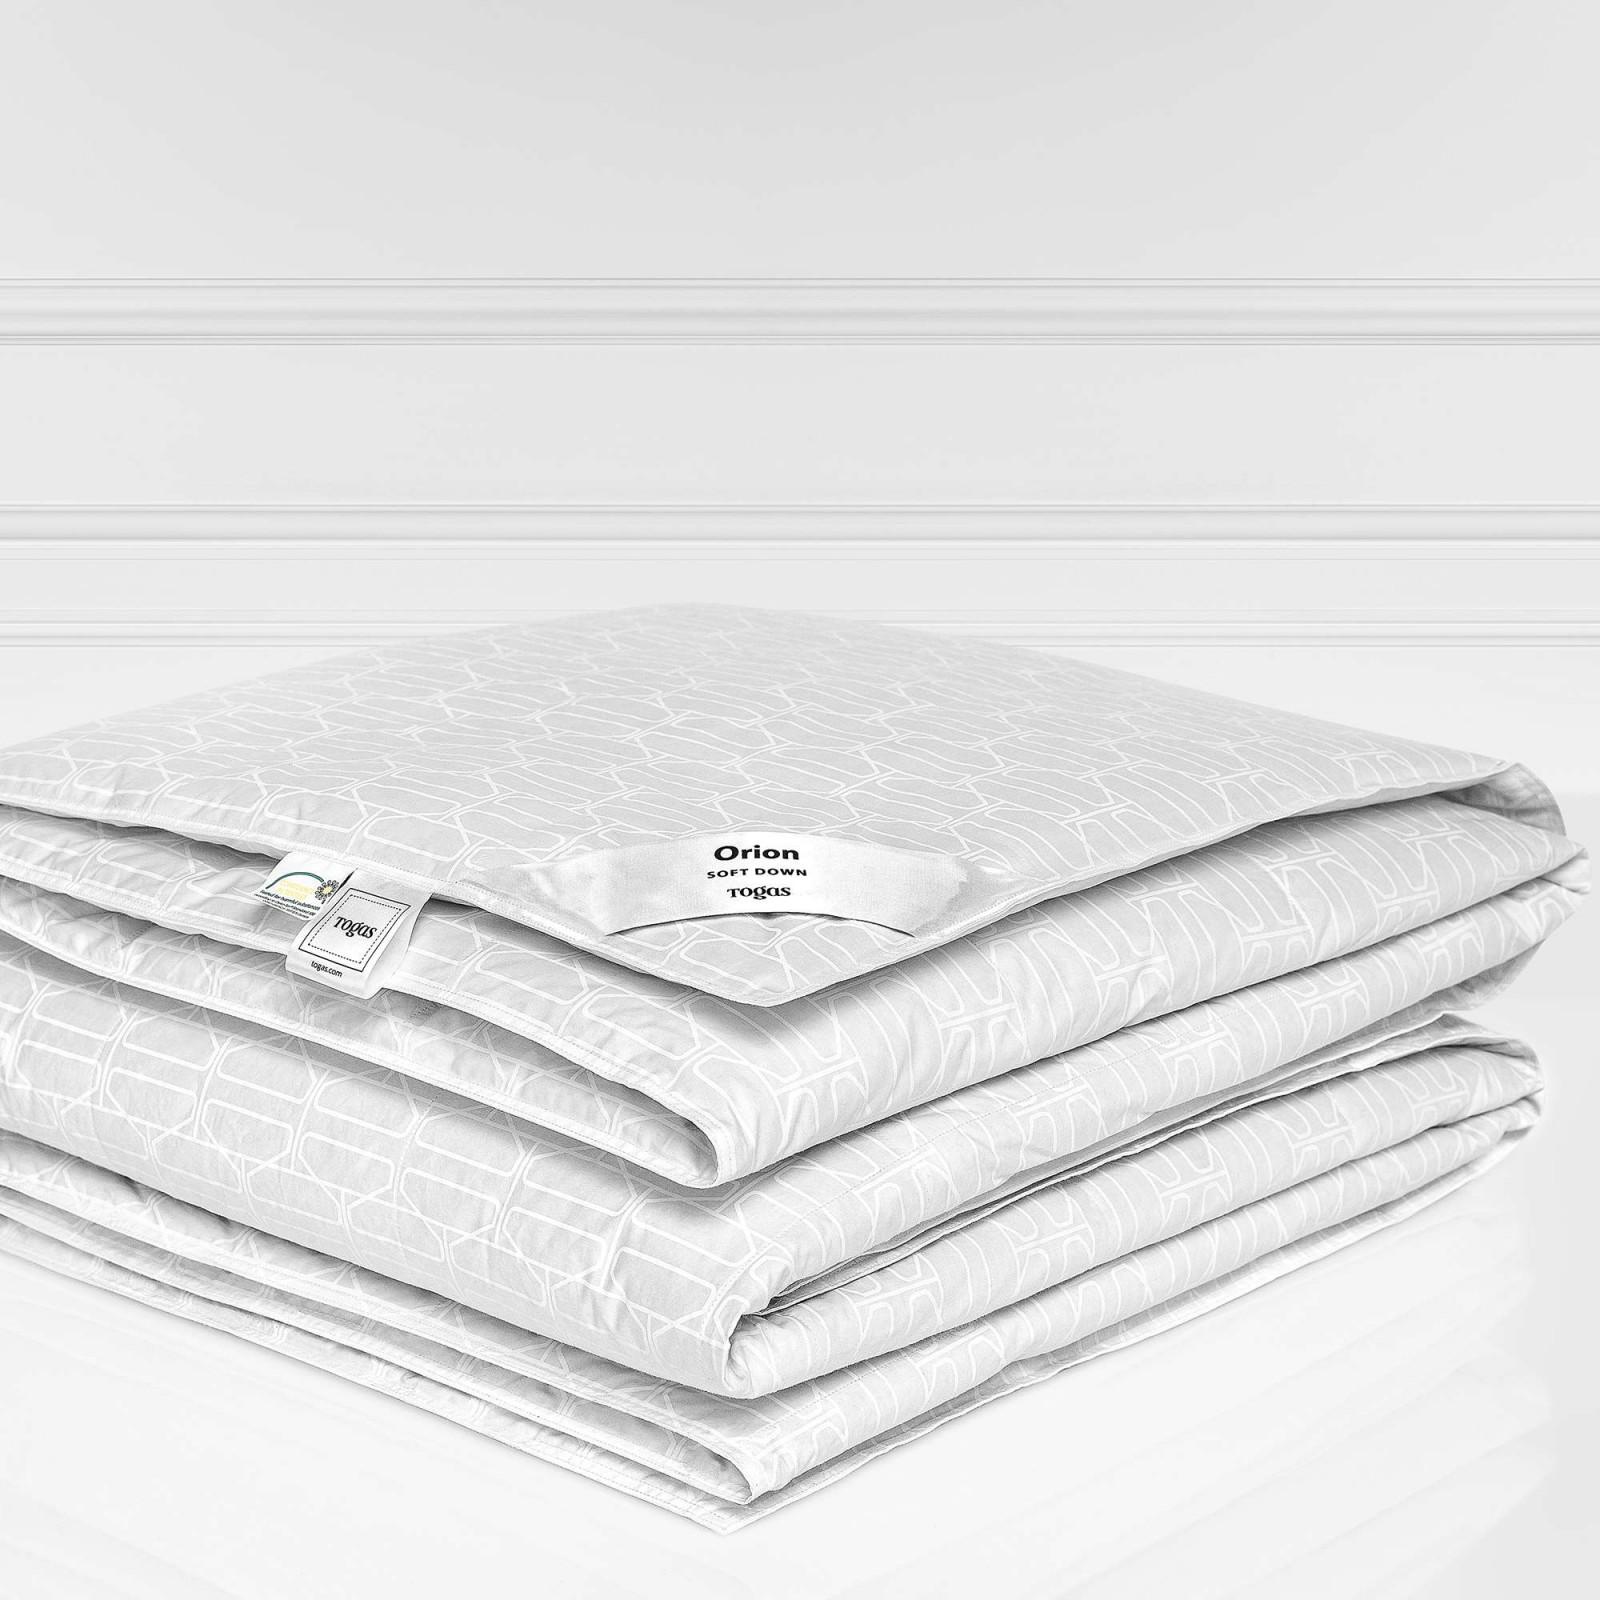 Одеяла Togas Одеяло Орион Всесезонное (140х200 см) одеяла togas одеяло гелиос 220х240 см